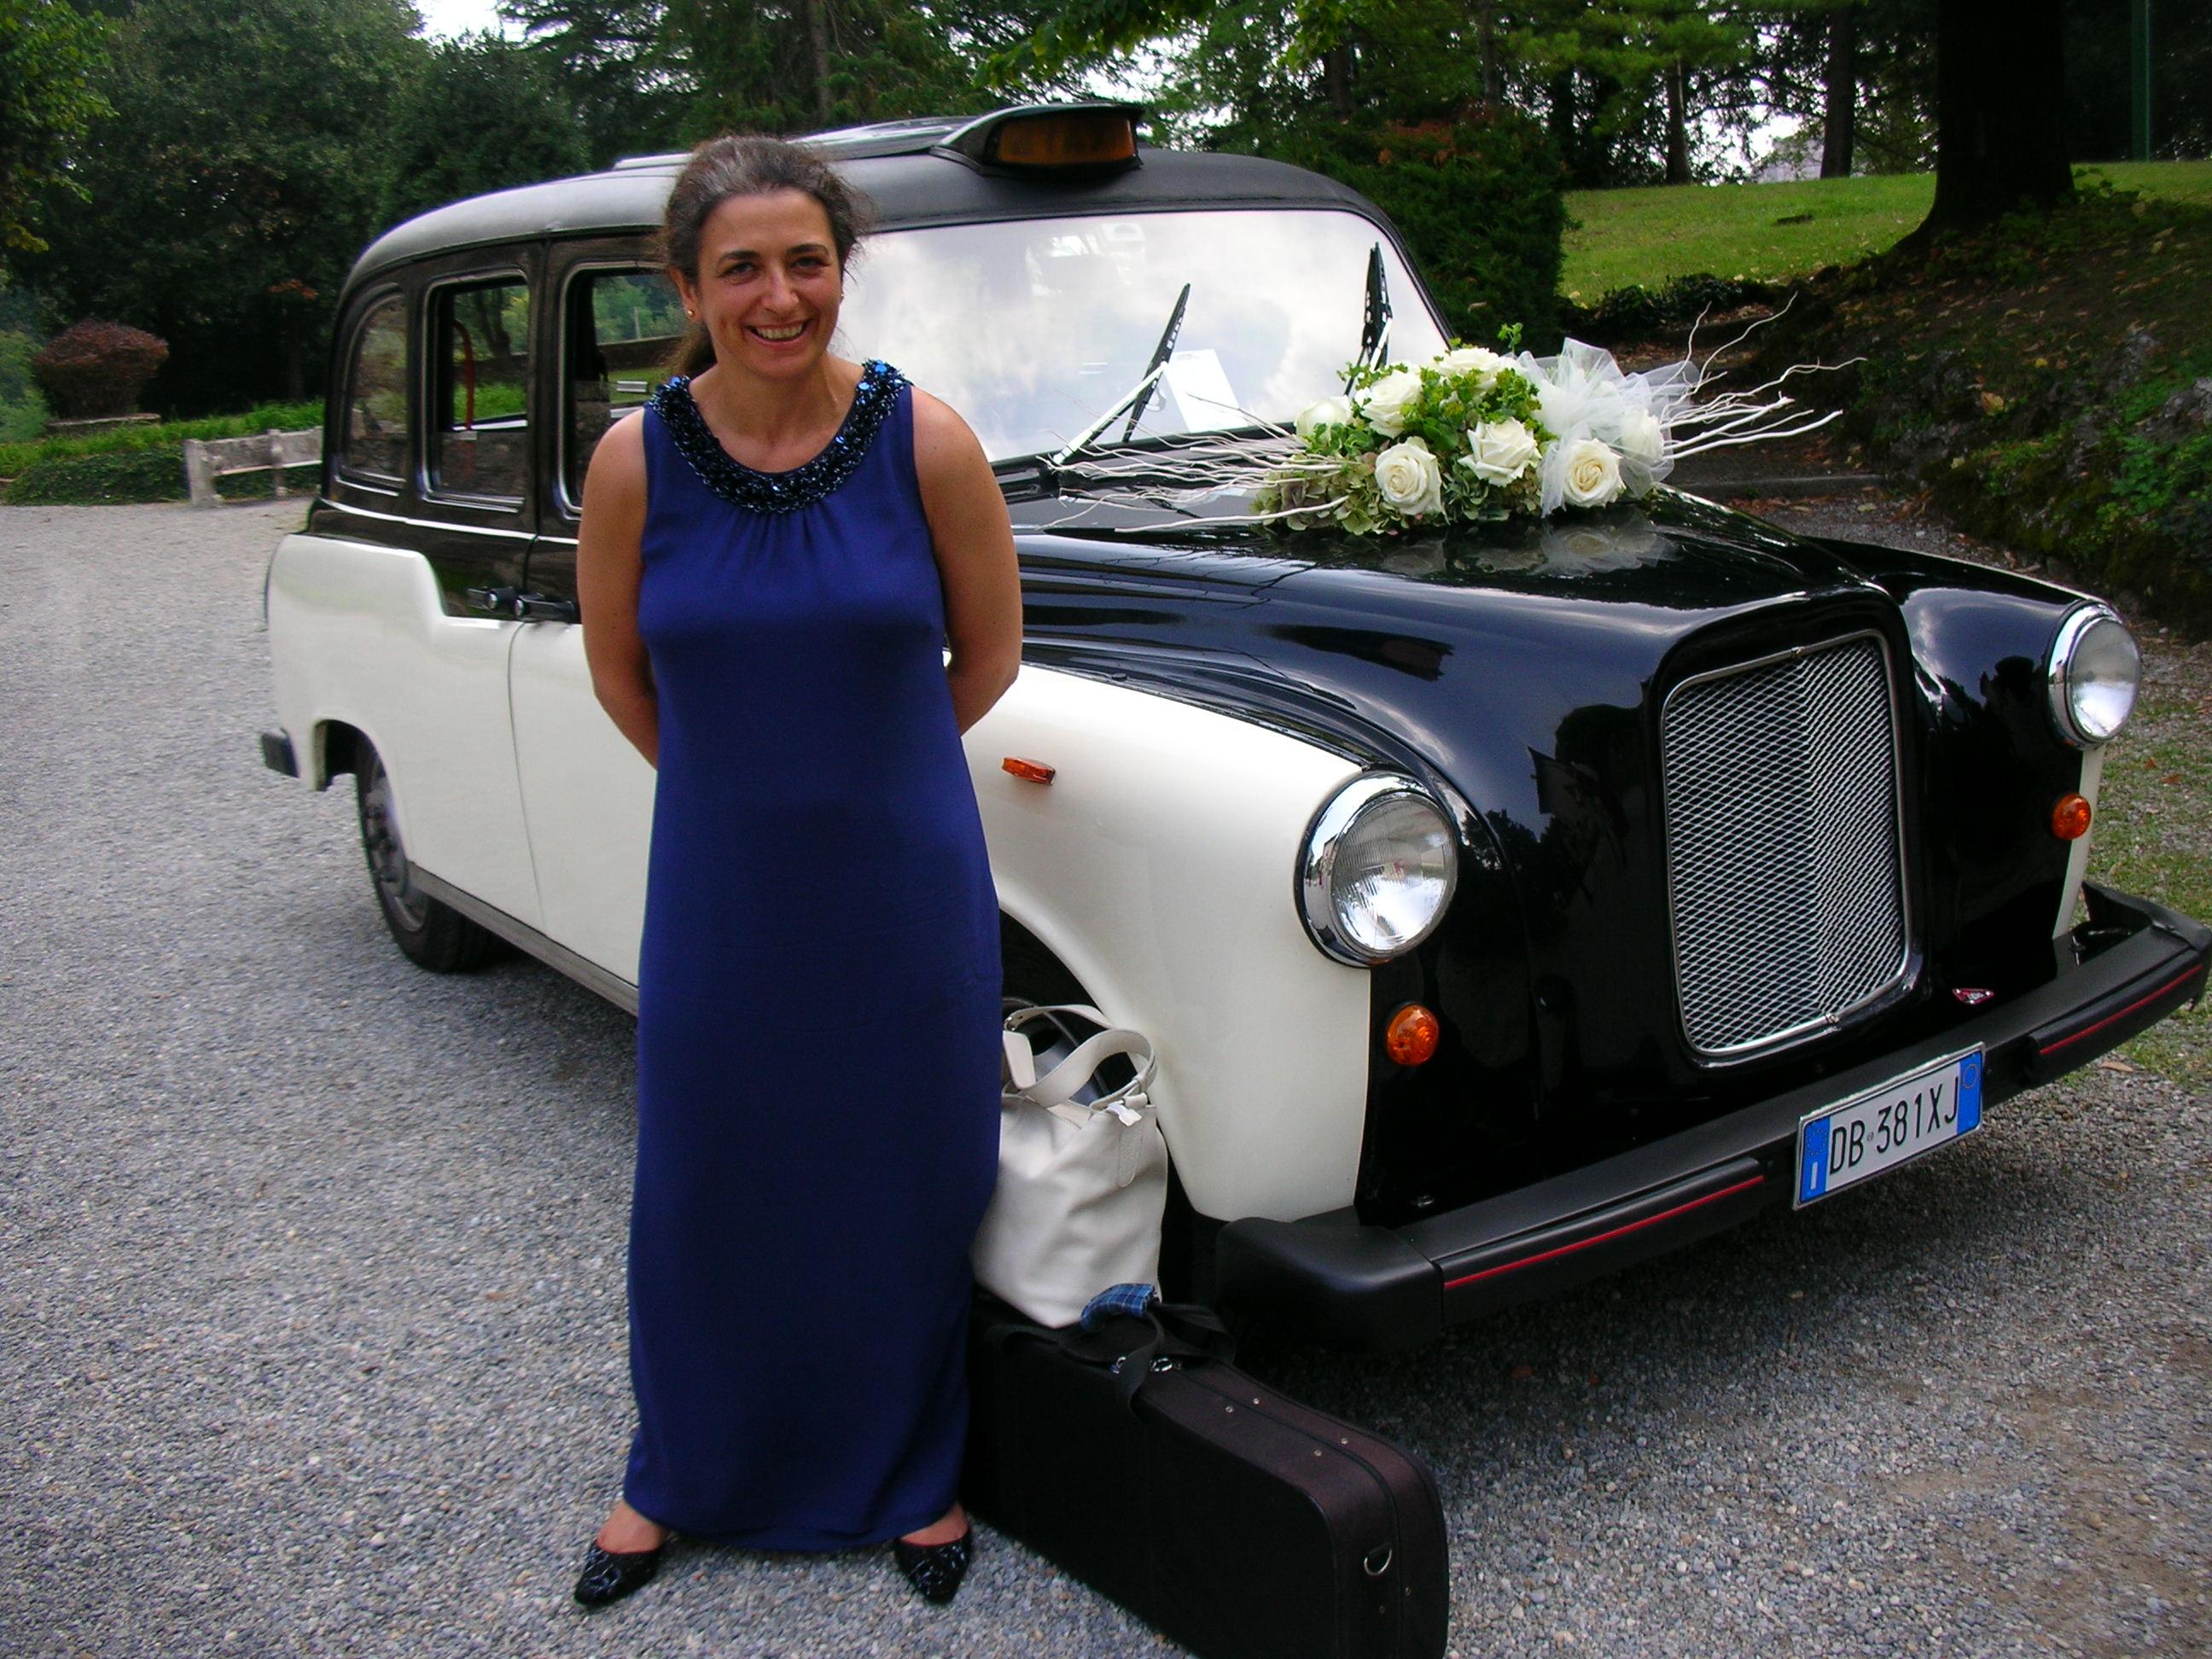 Un'auto originale per il matrimonio: un taxi inglese opportunamente adattato, scelto da una coppia di italiani residenti in inghilterra, sposati in Italia